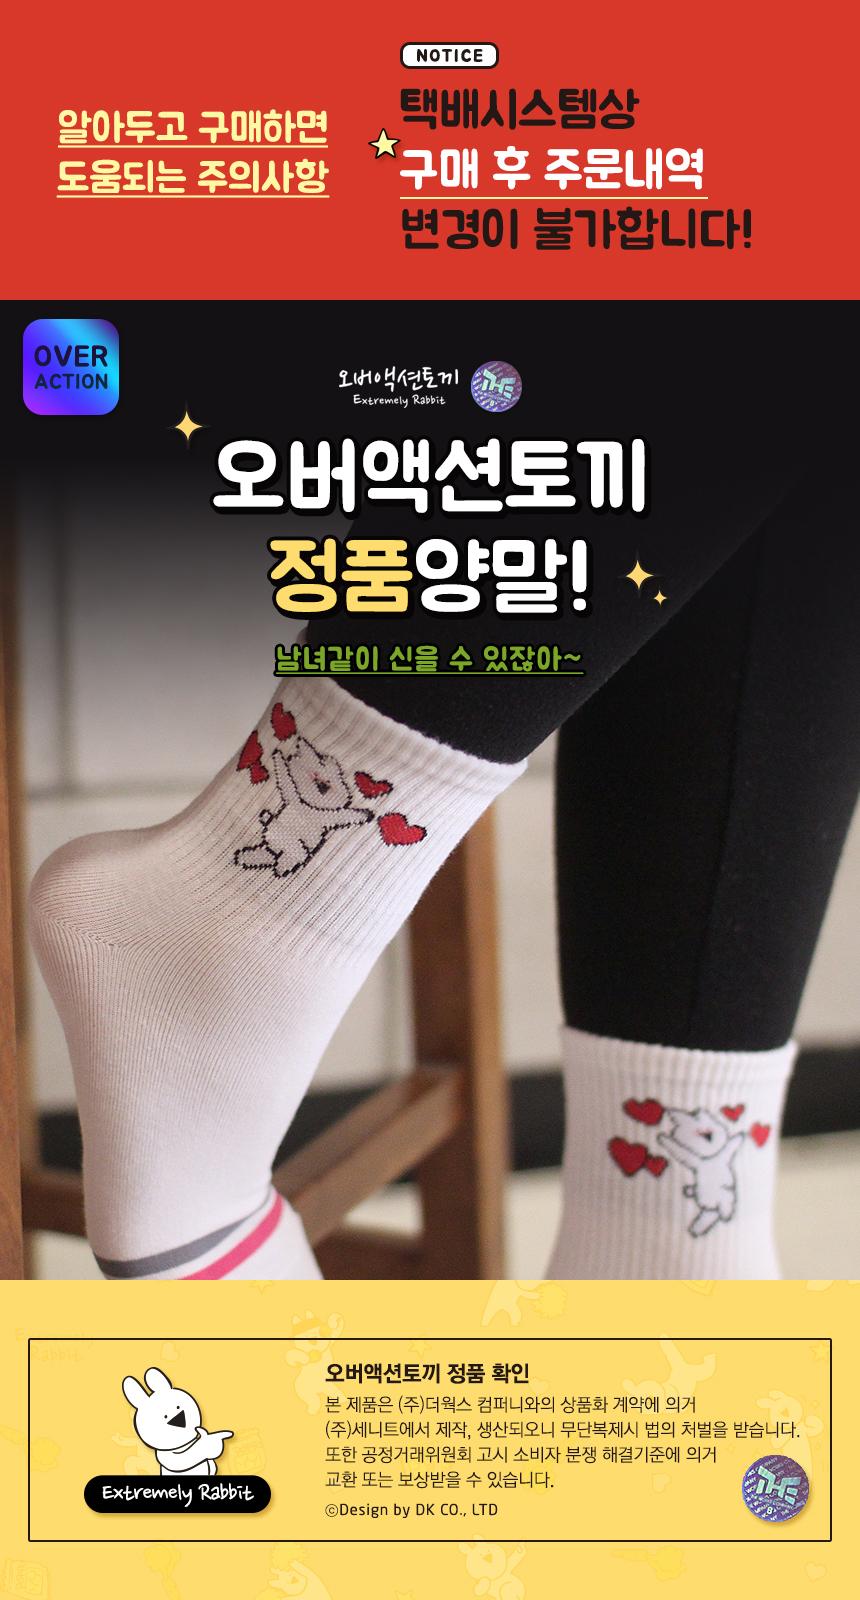 오버액션토끼 양말 여자 남자 투톤링글 중목 - 오버액션토끼, 1,900원, 여성양말, 패션양말